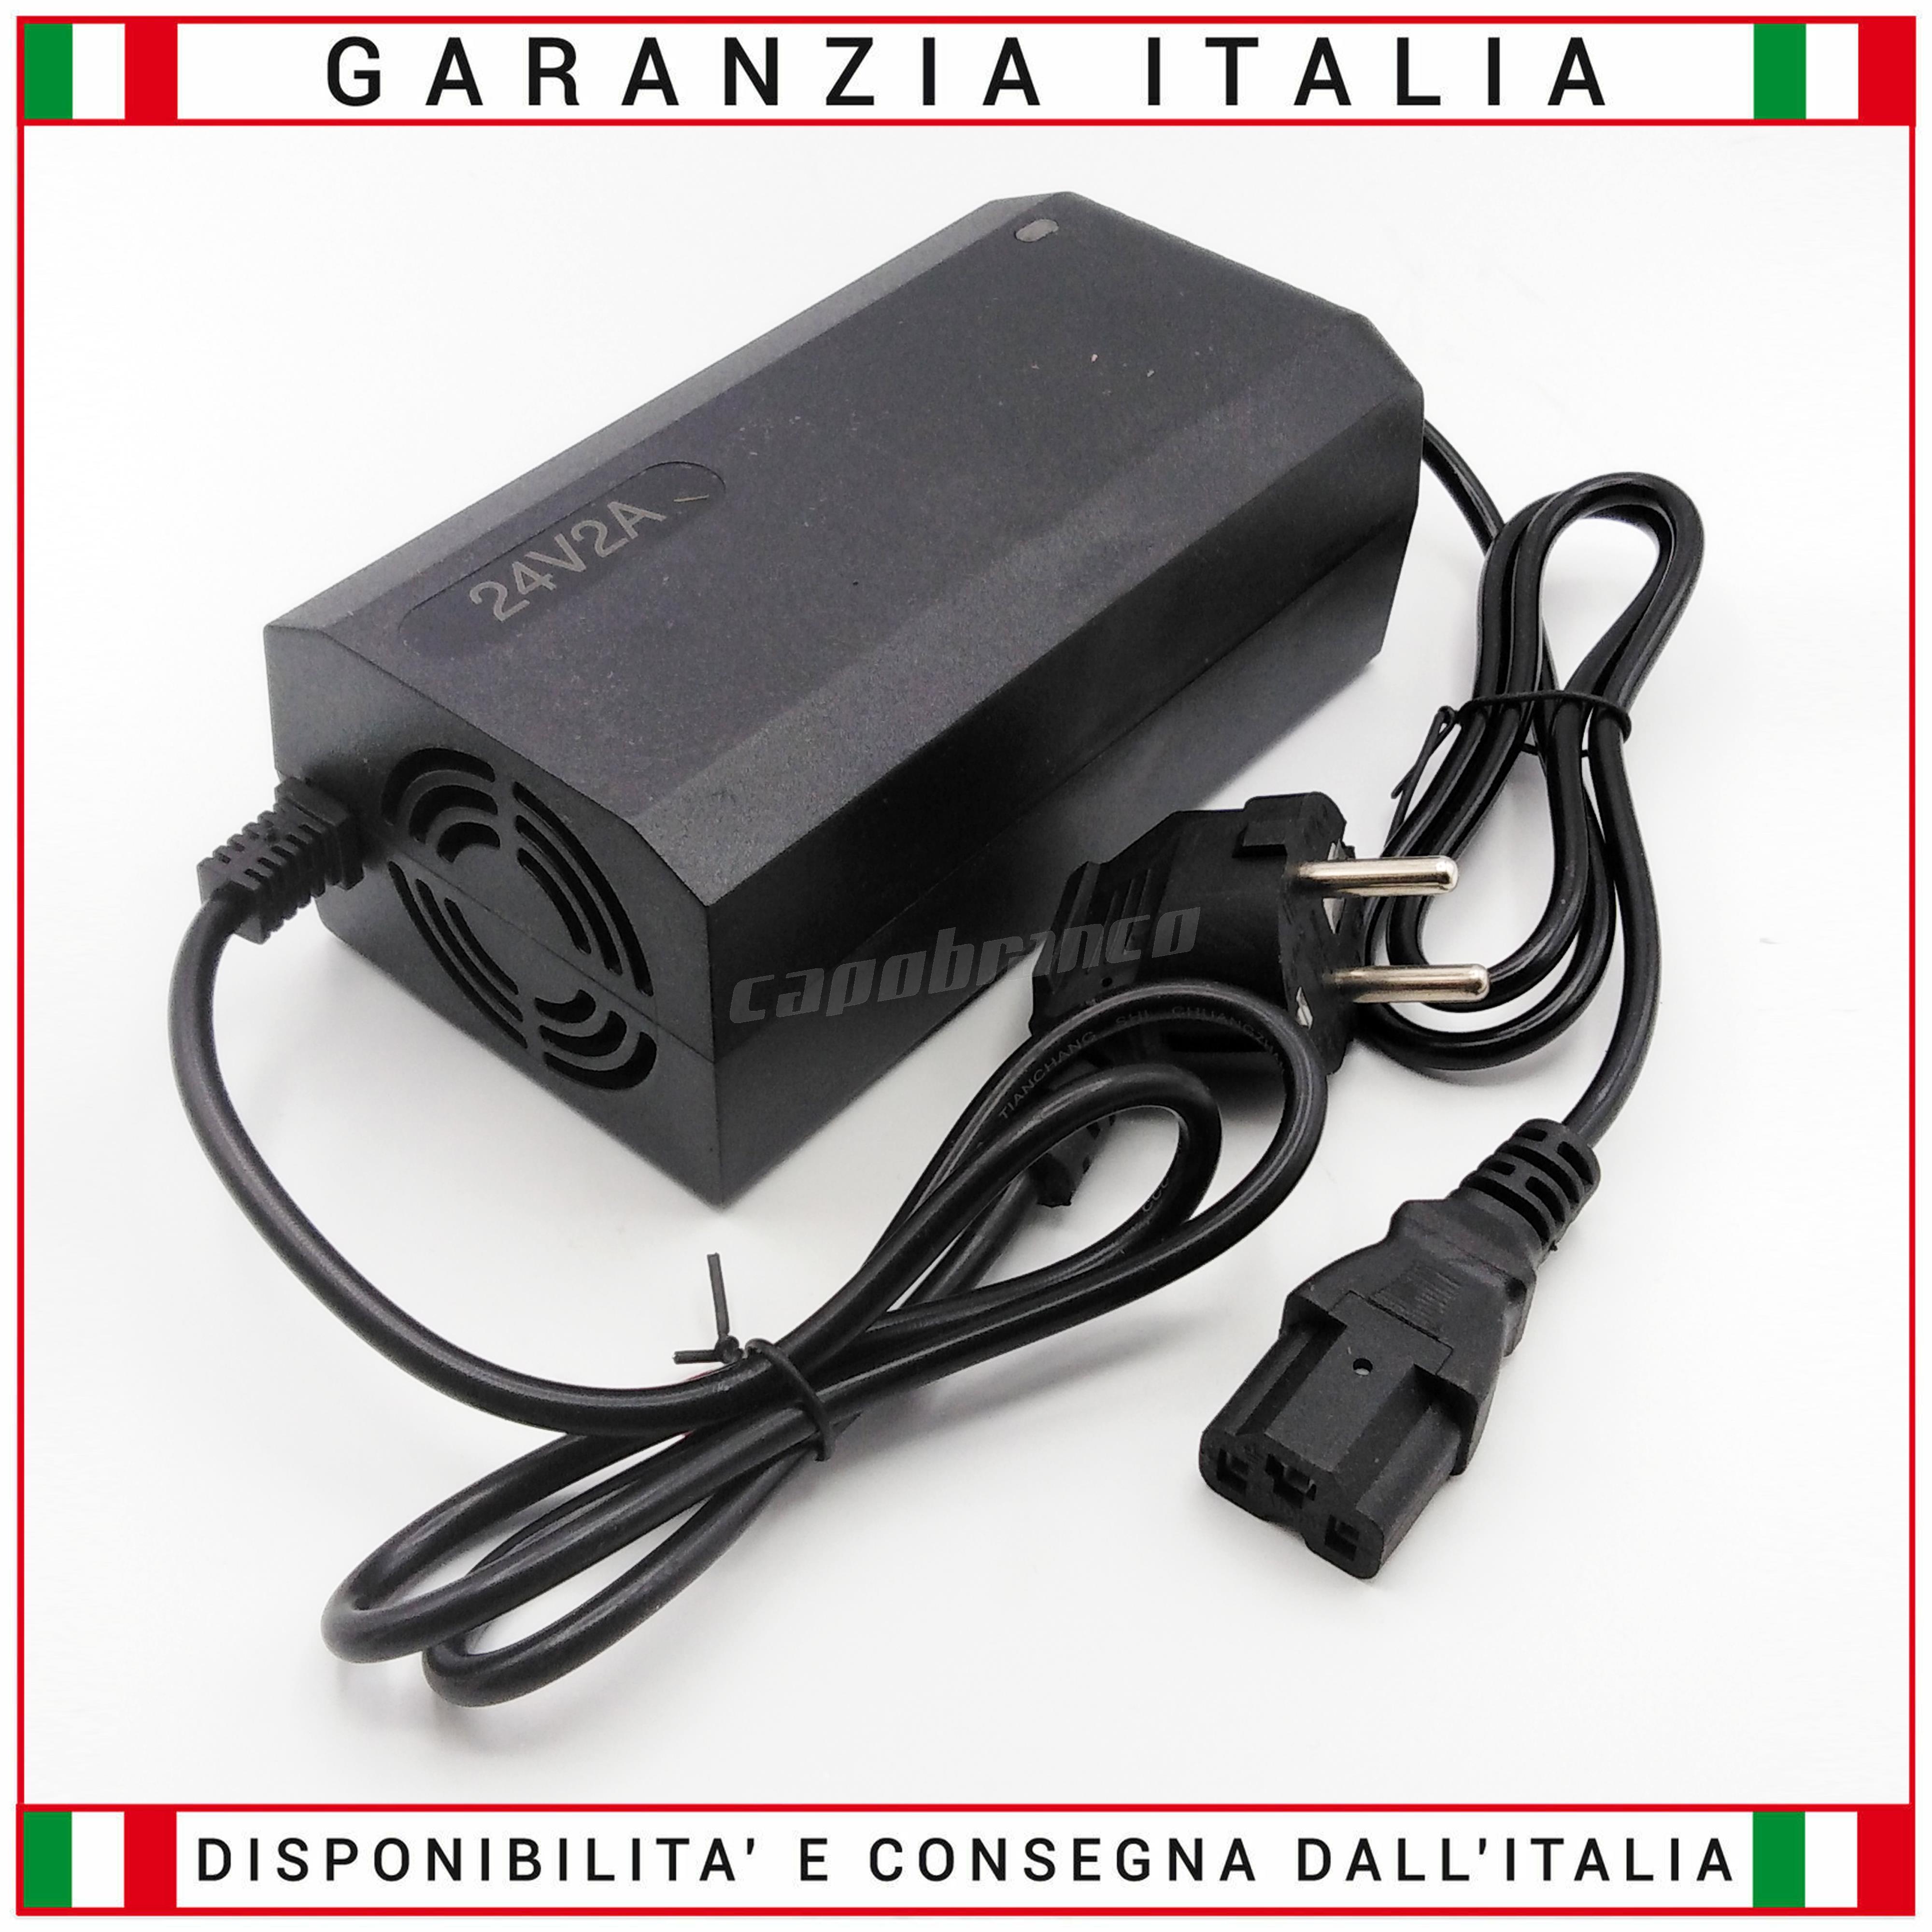 Caricabatterie per batterie al  PIOMBO 36V 2A CON VENTOLA Monopattino,Bici,Quad